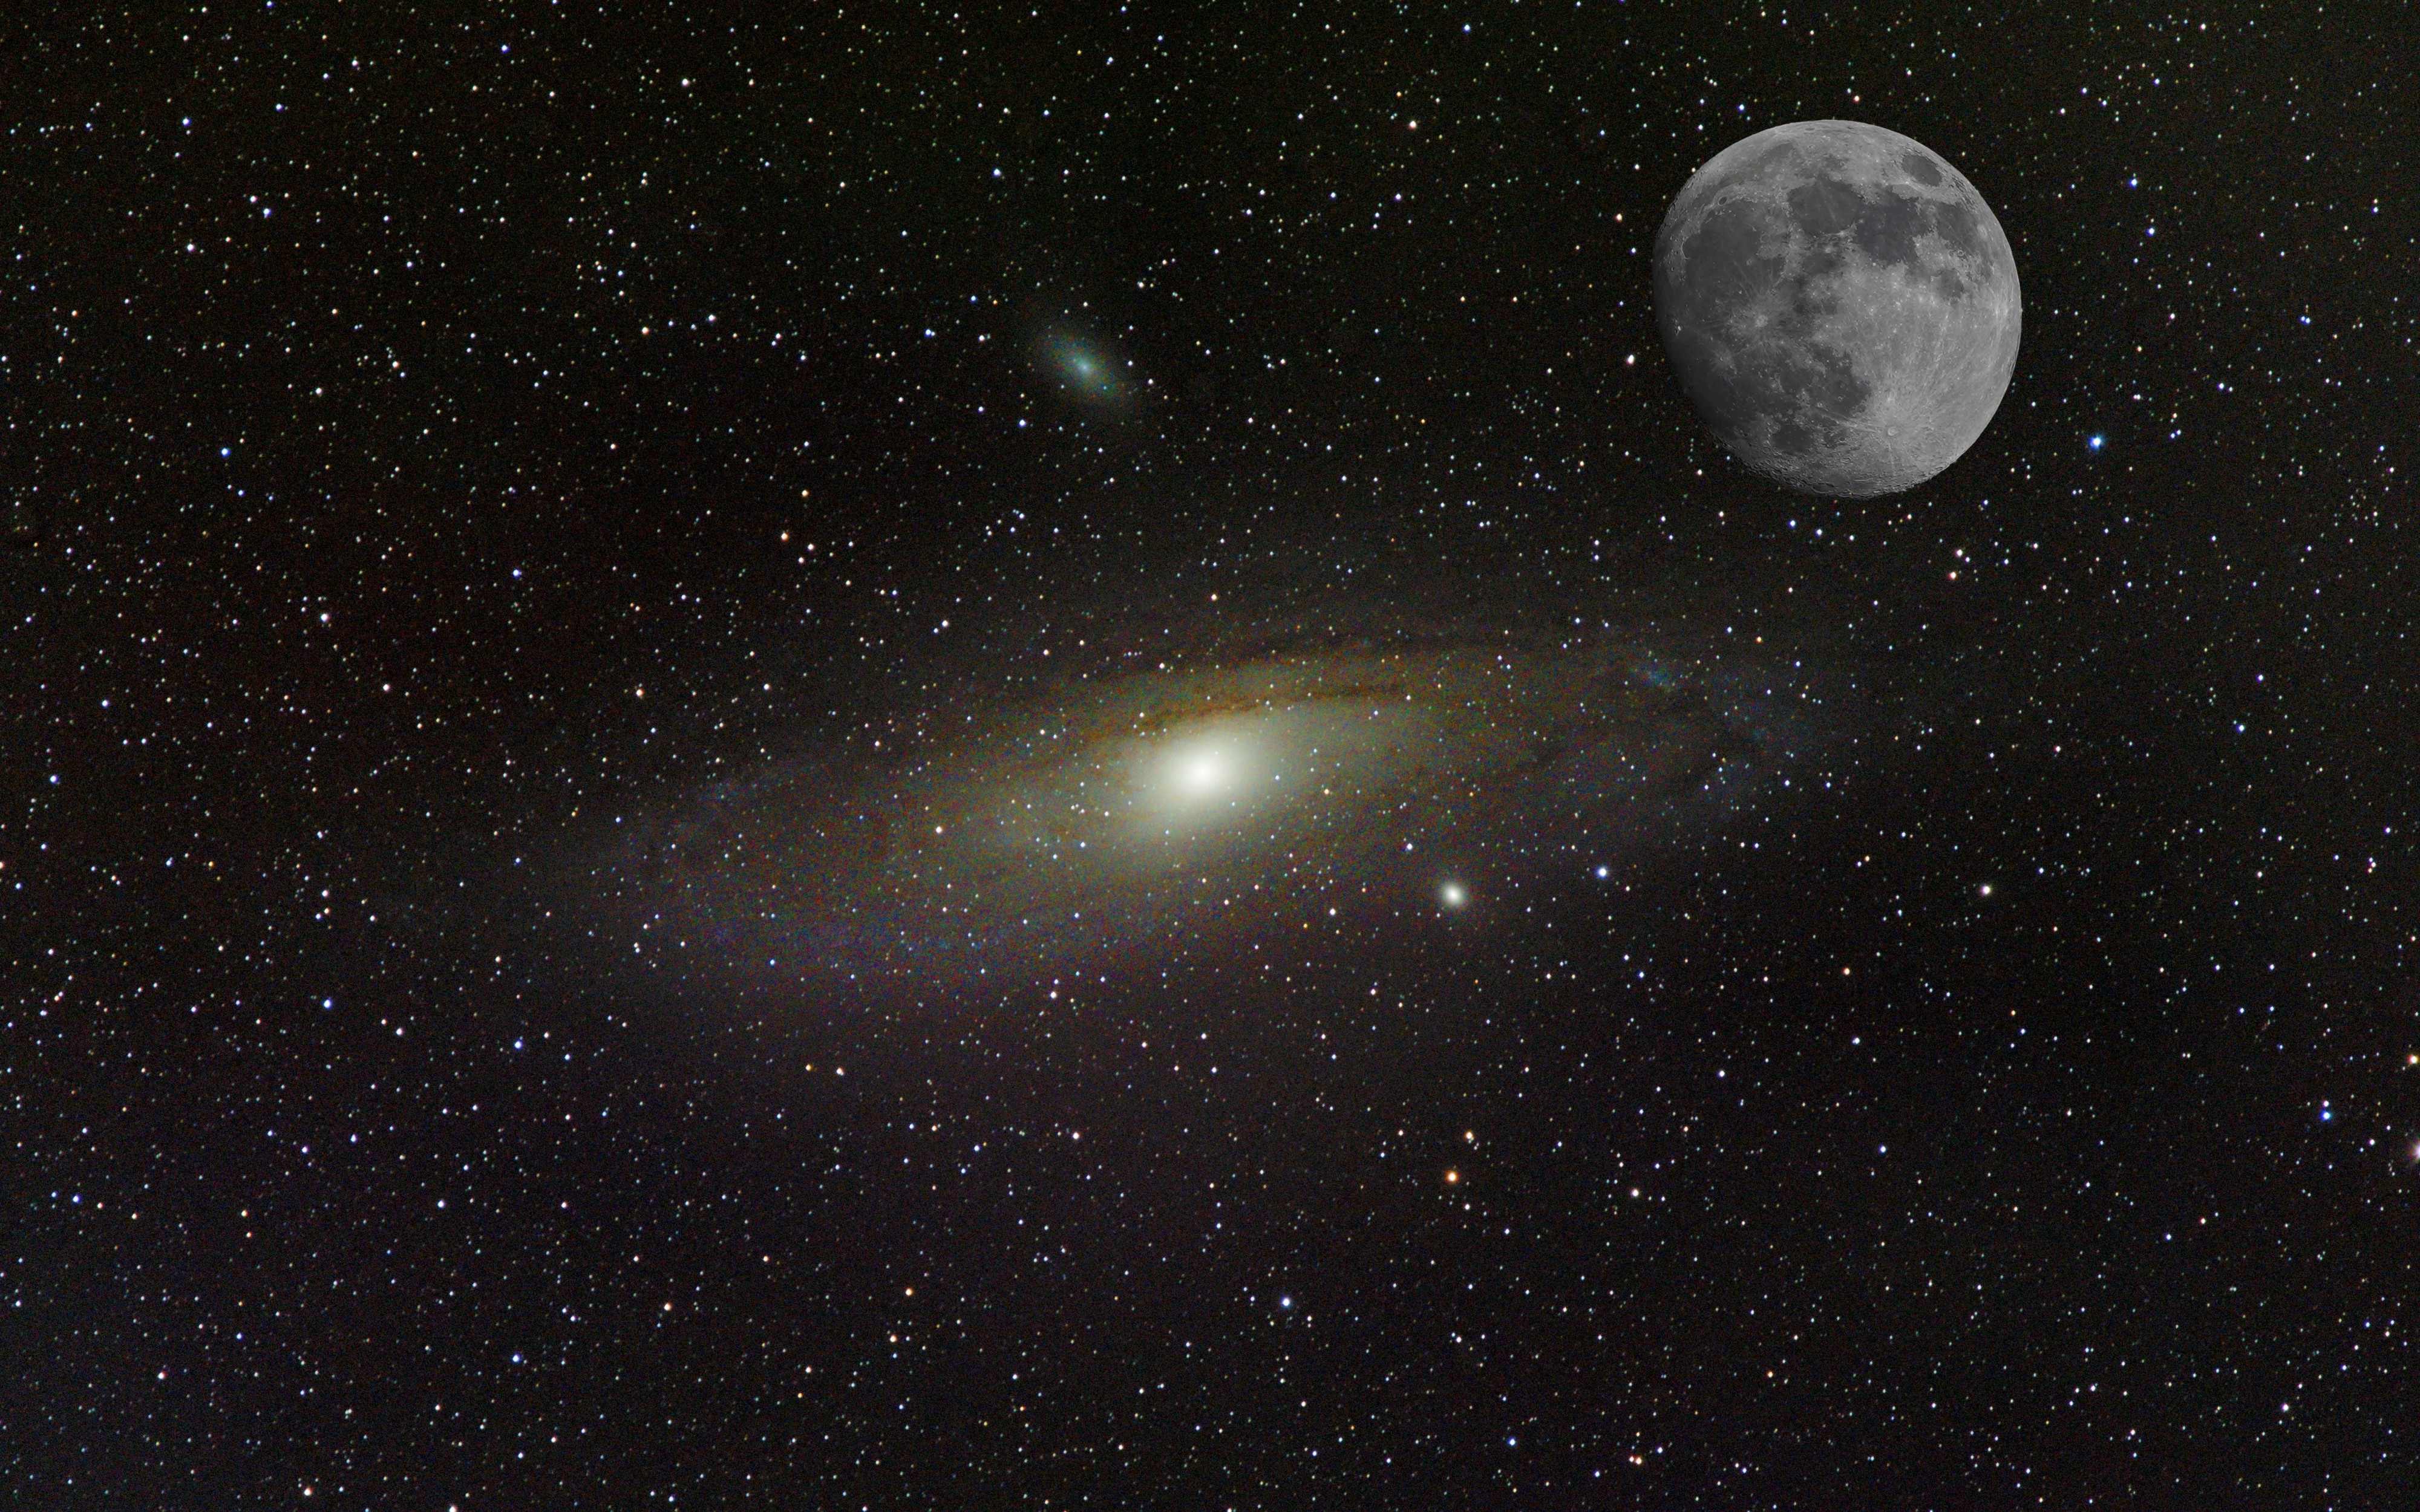 M31 Andromedagalaxie und Mond (Komposit)